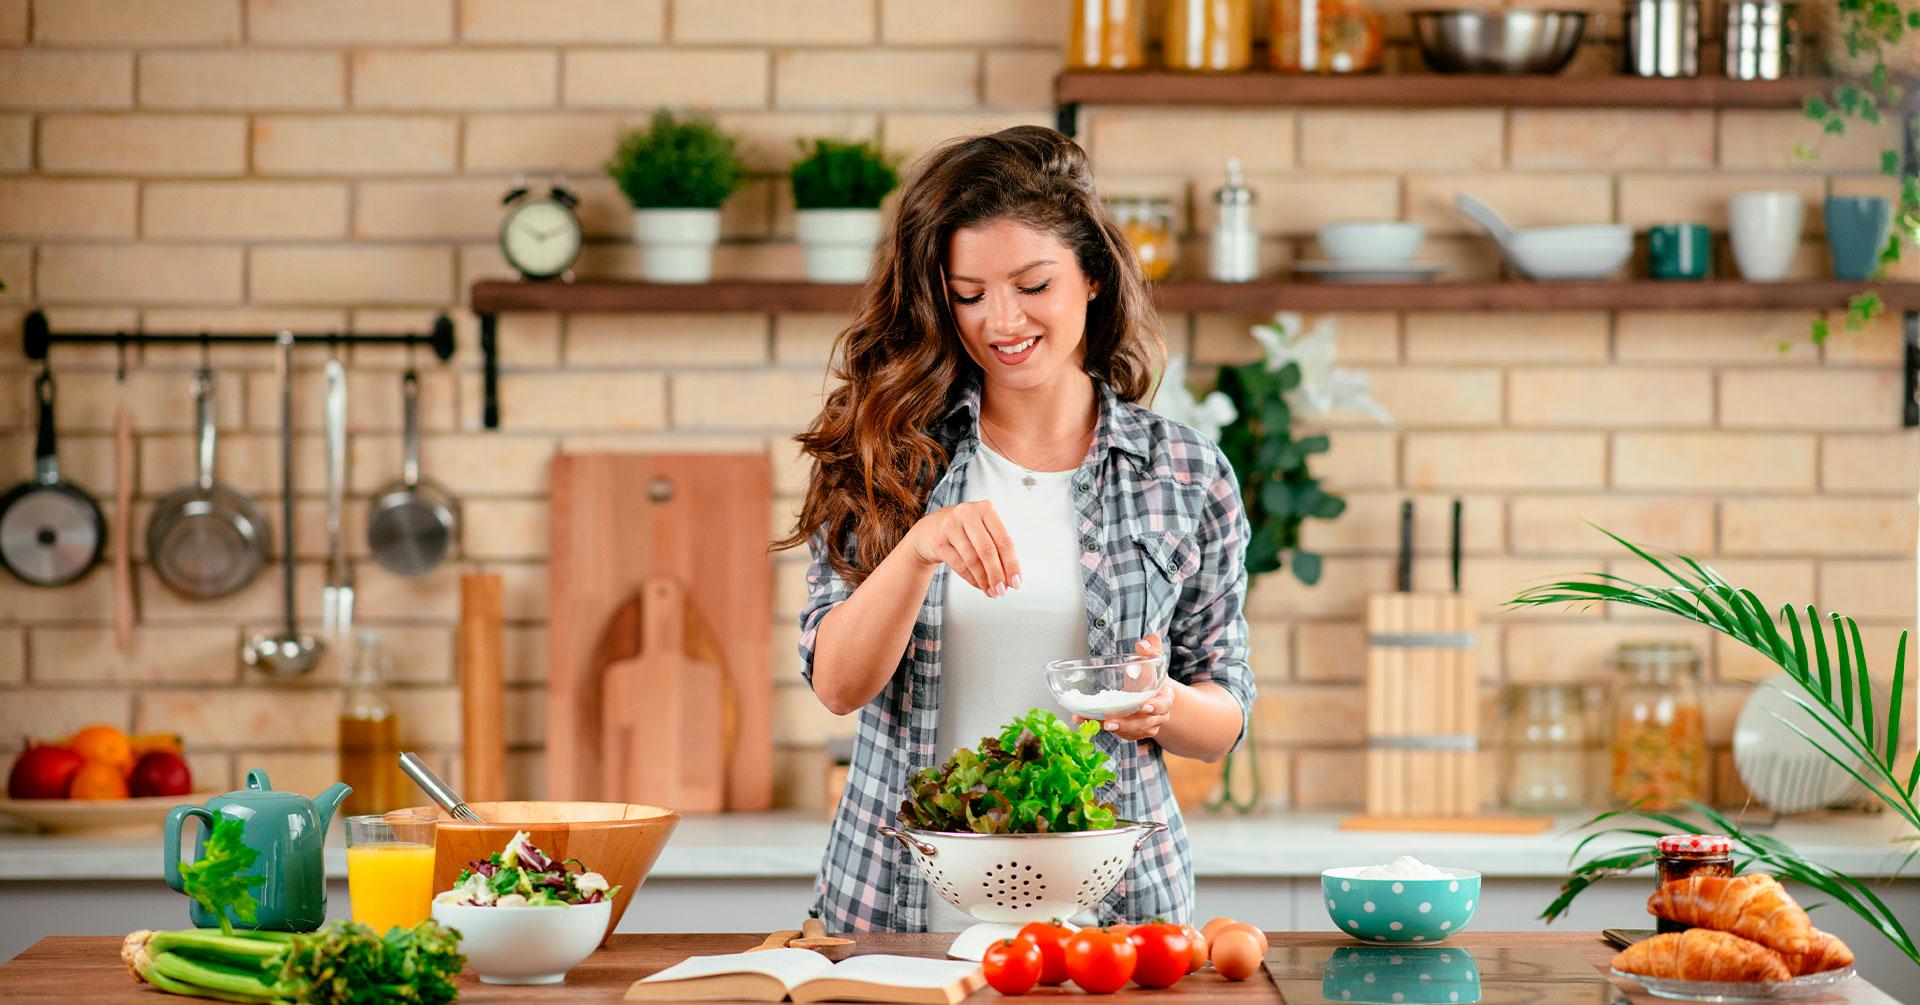 Logra una vida saludable comiendo sano y siguiendo estos tips